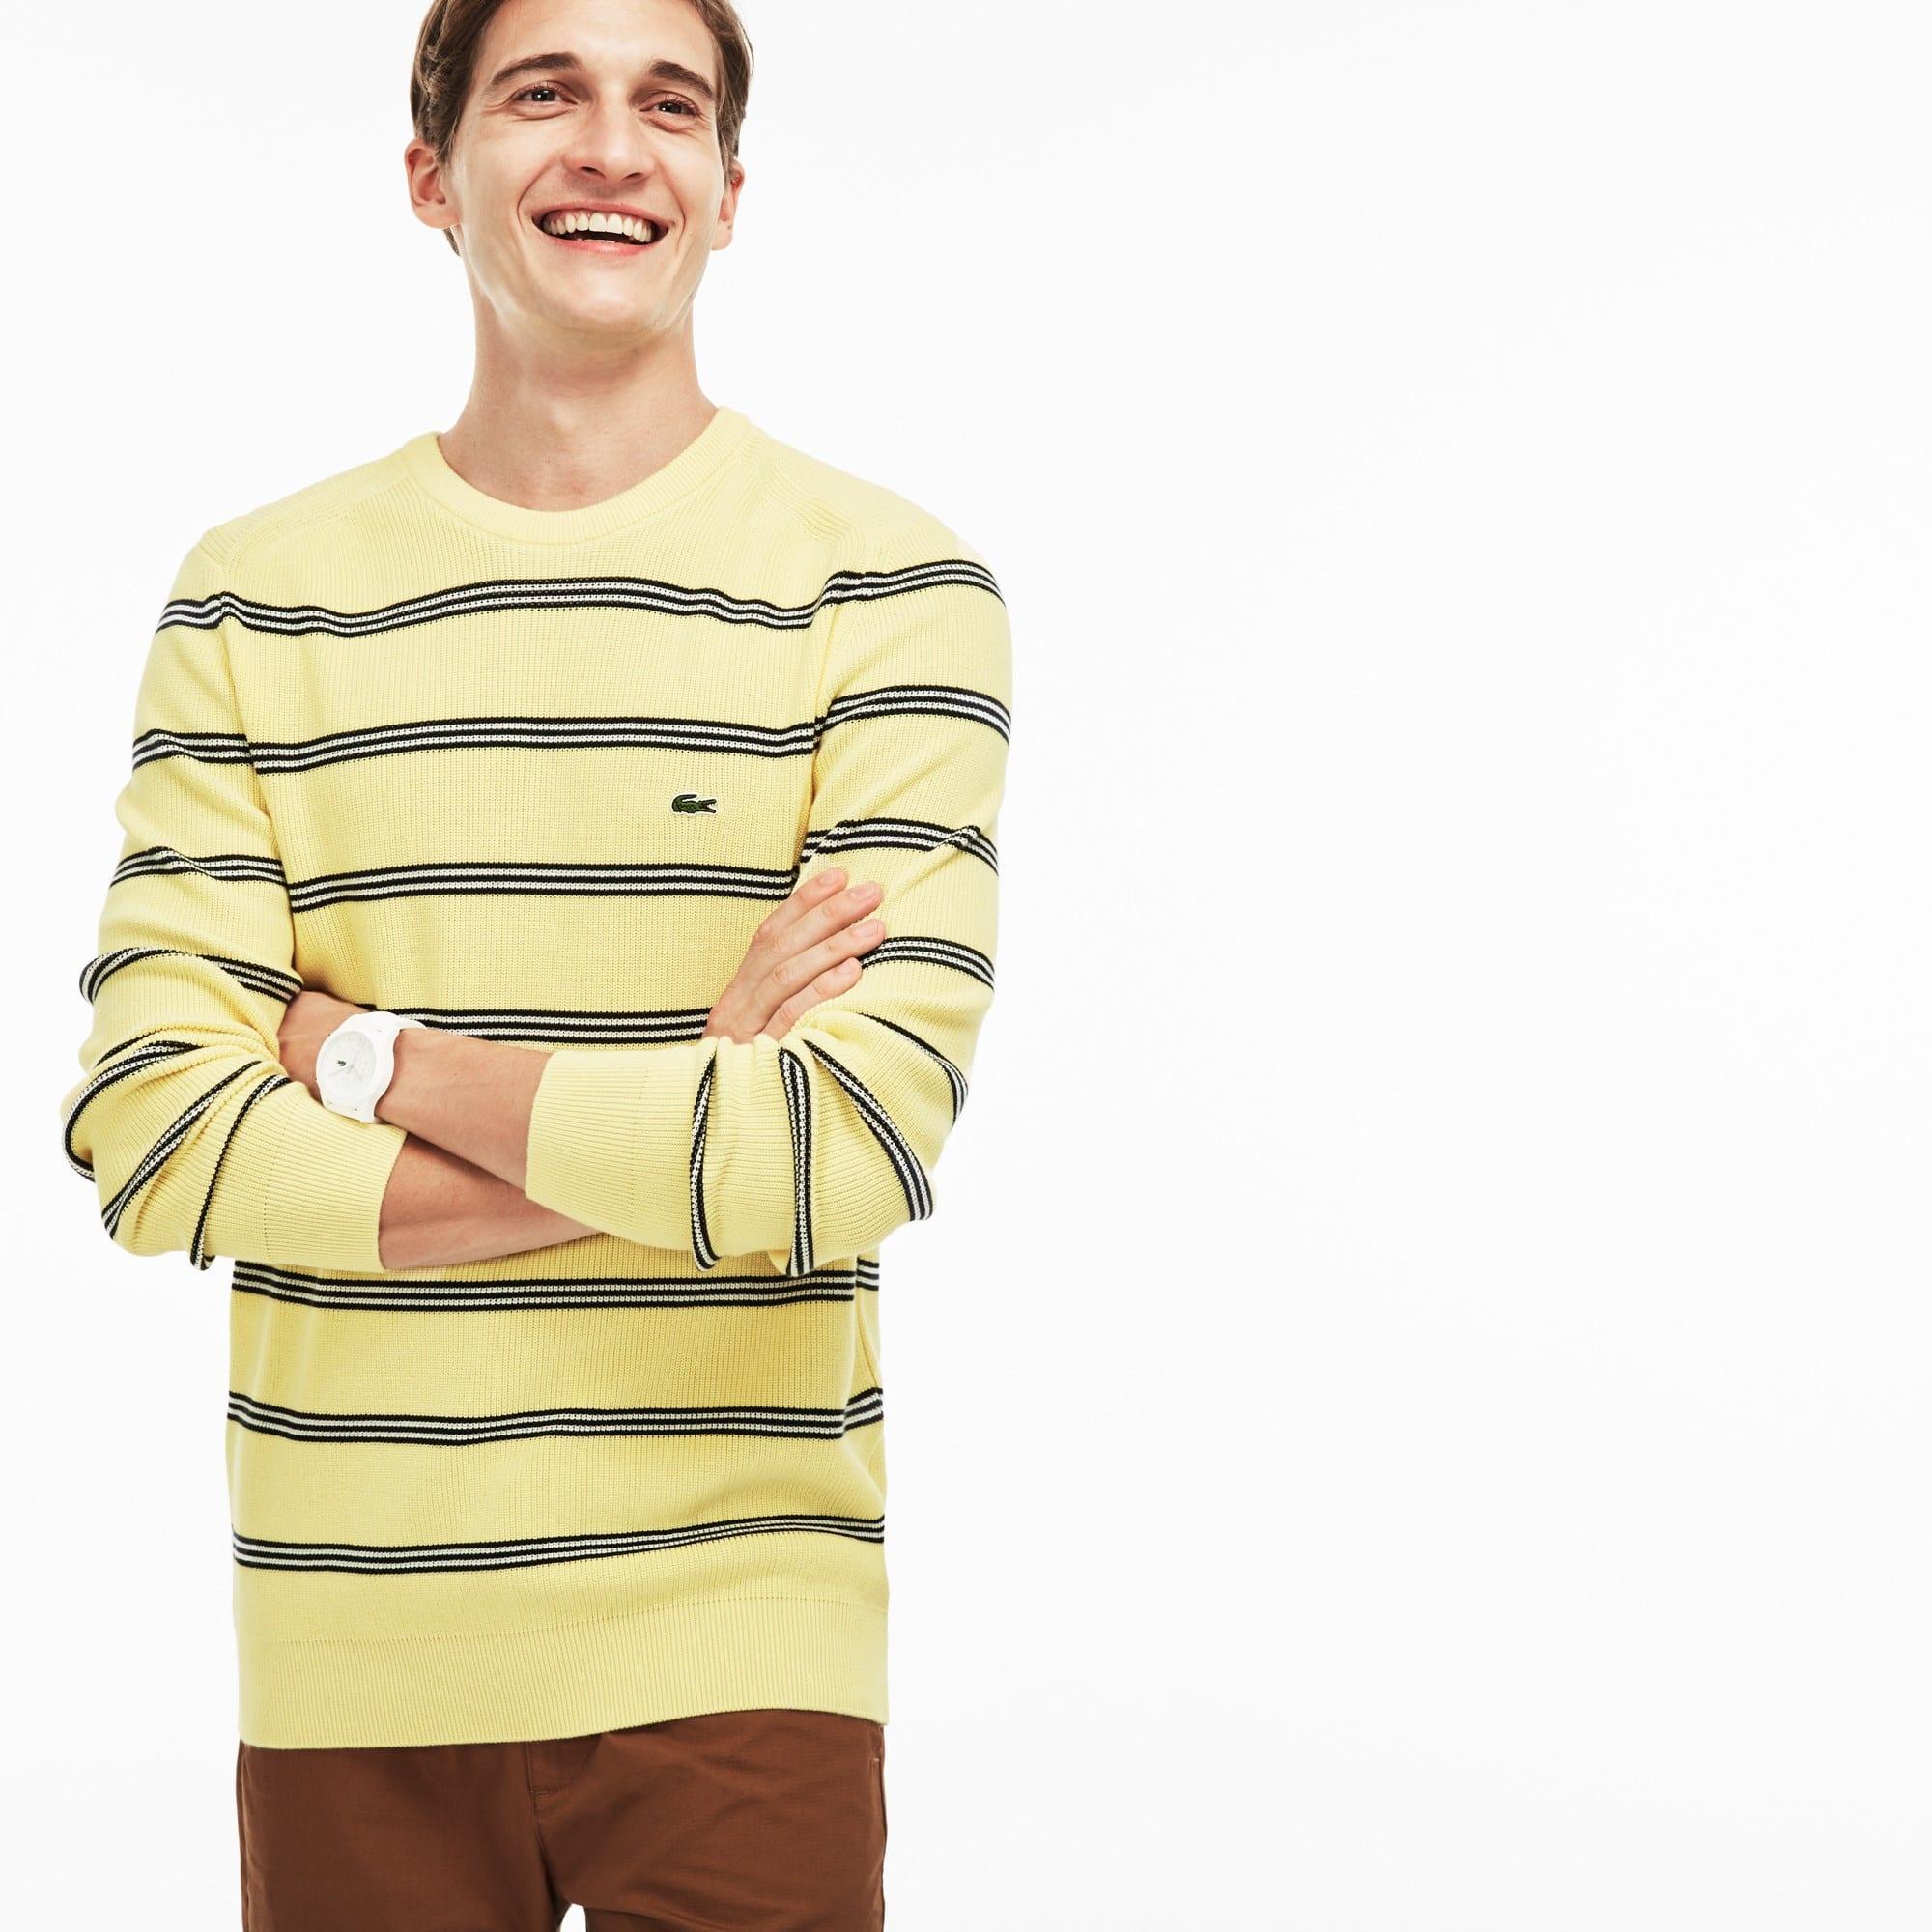 Jersey con cuello redondo de algodón acanalado con franjas de rayas